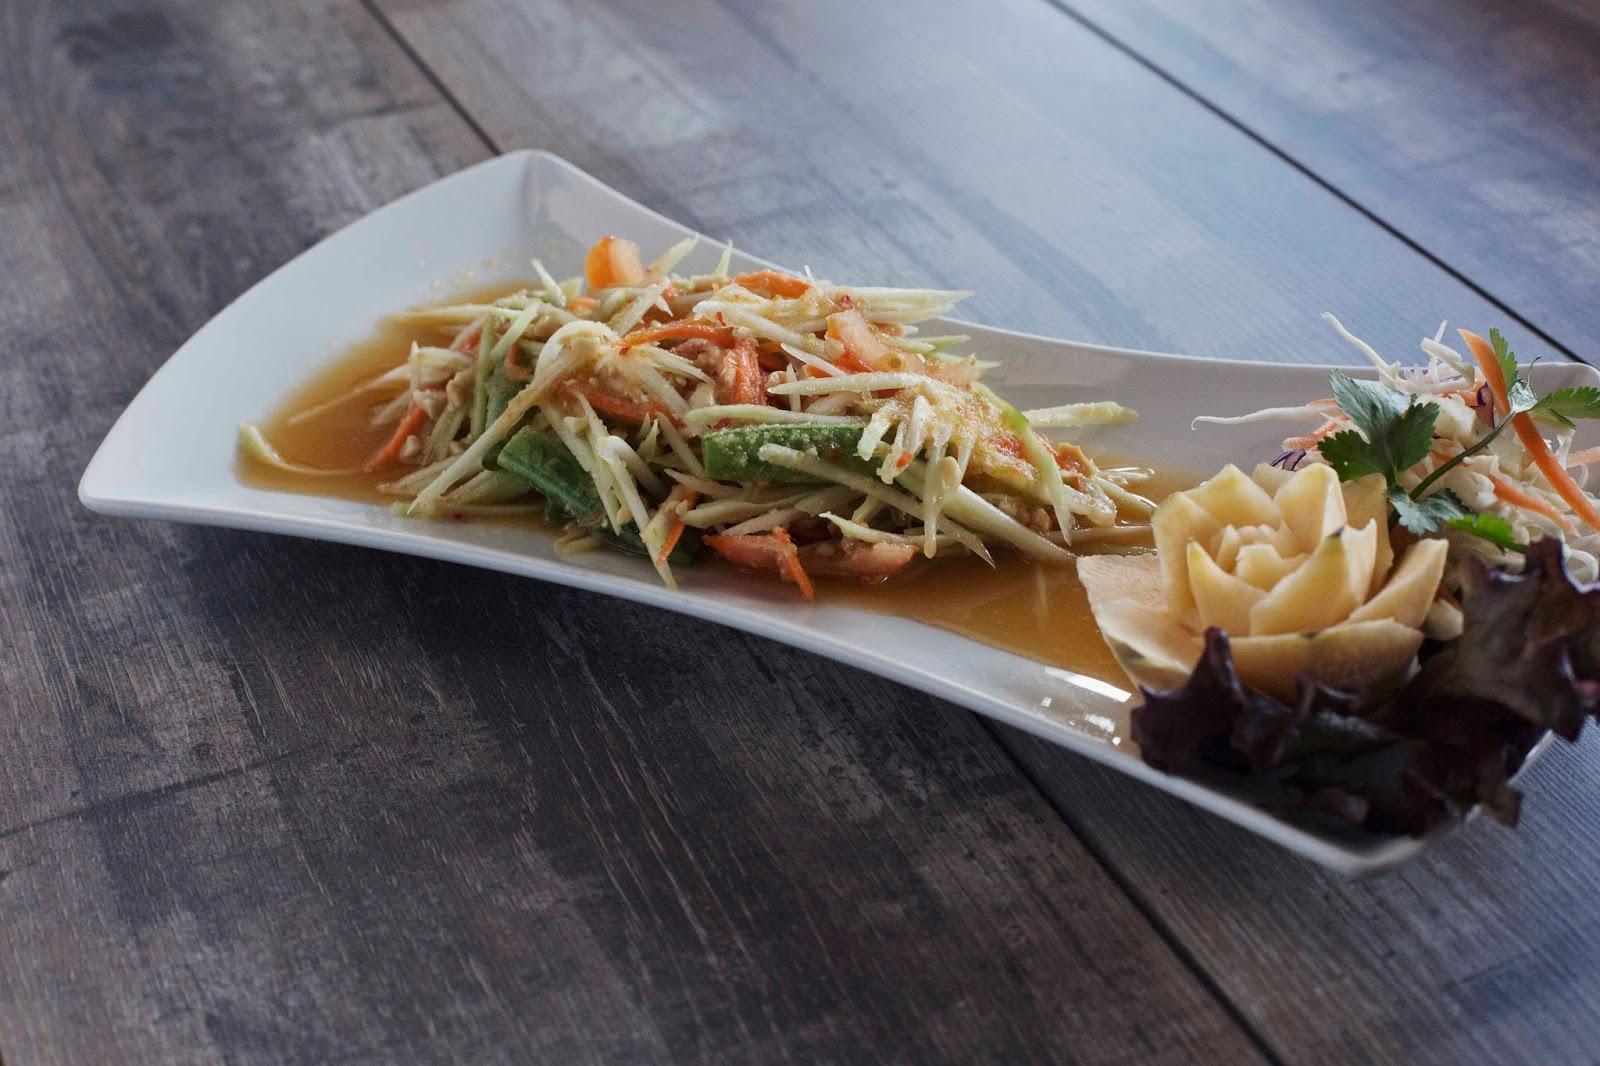 Orangegrass Thai Restaurant in South Shields Review